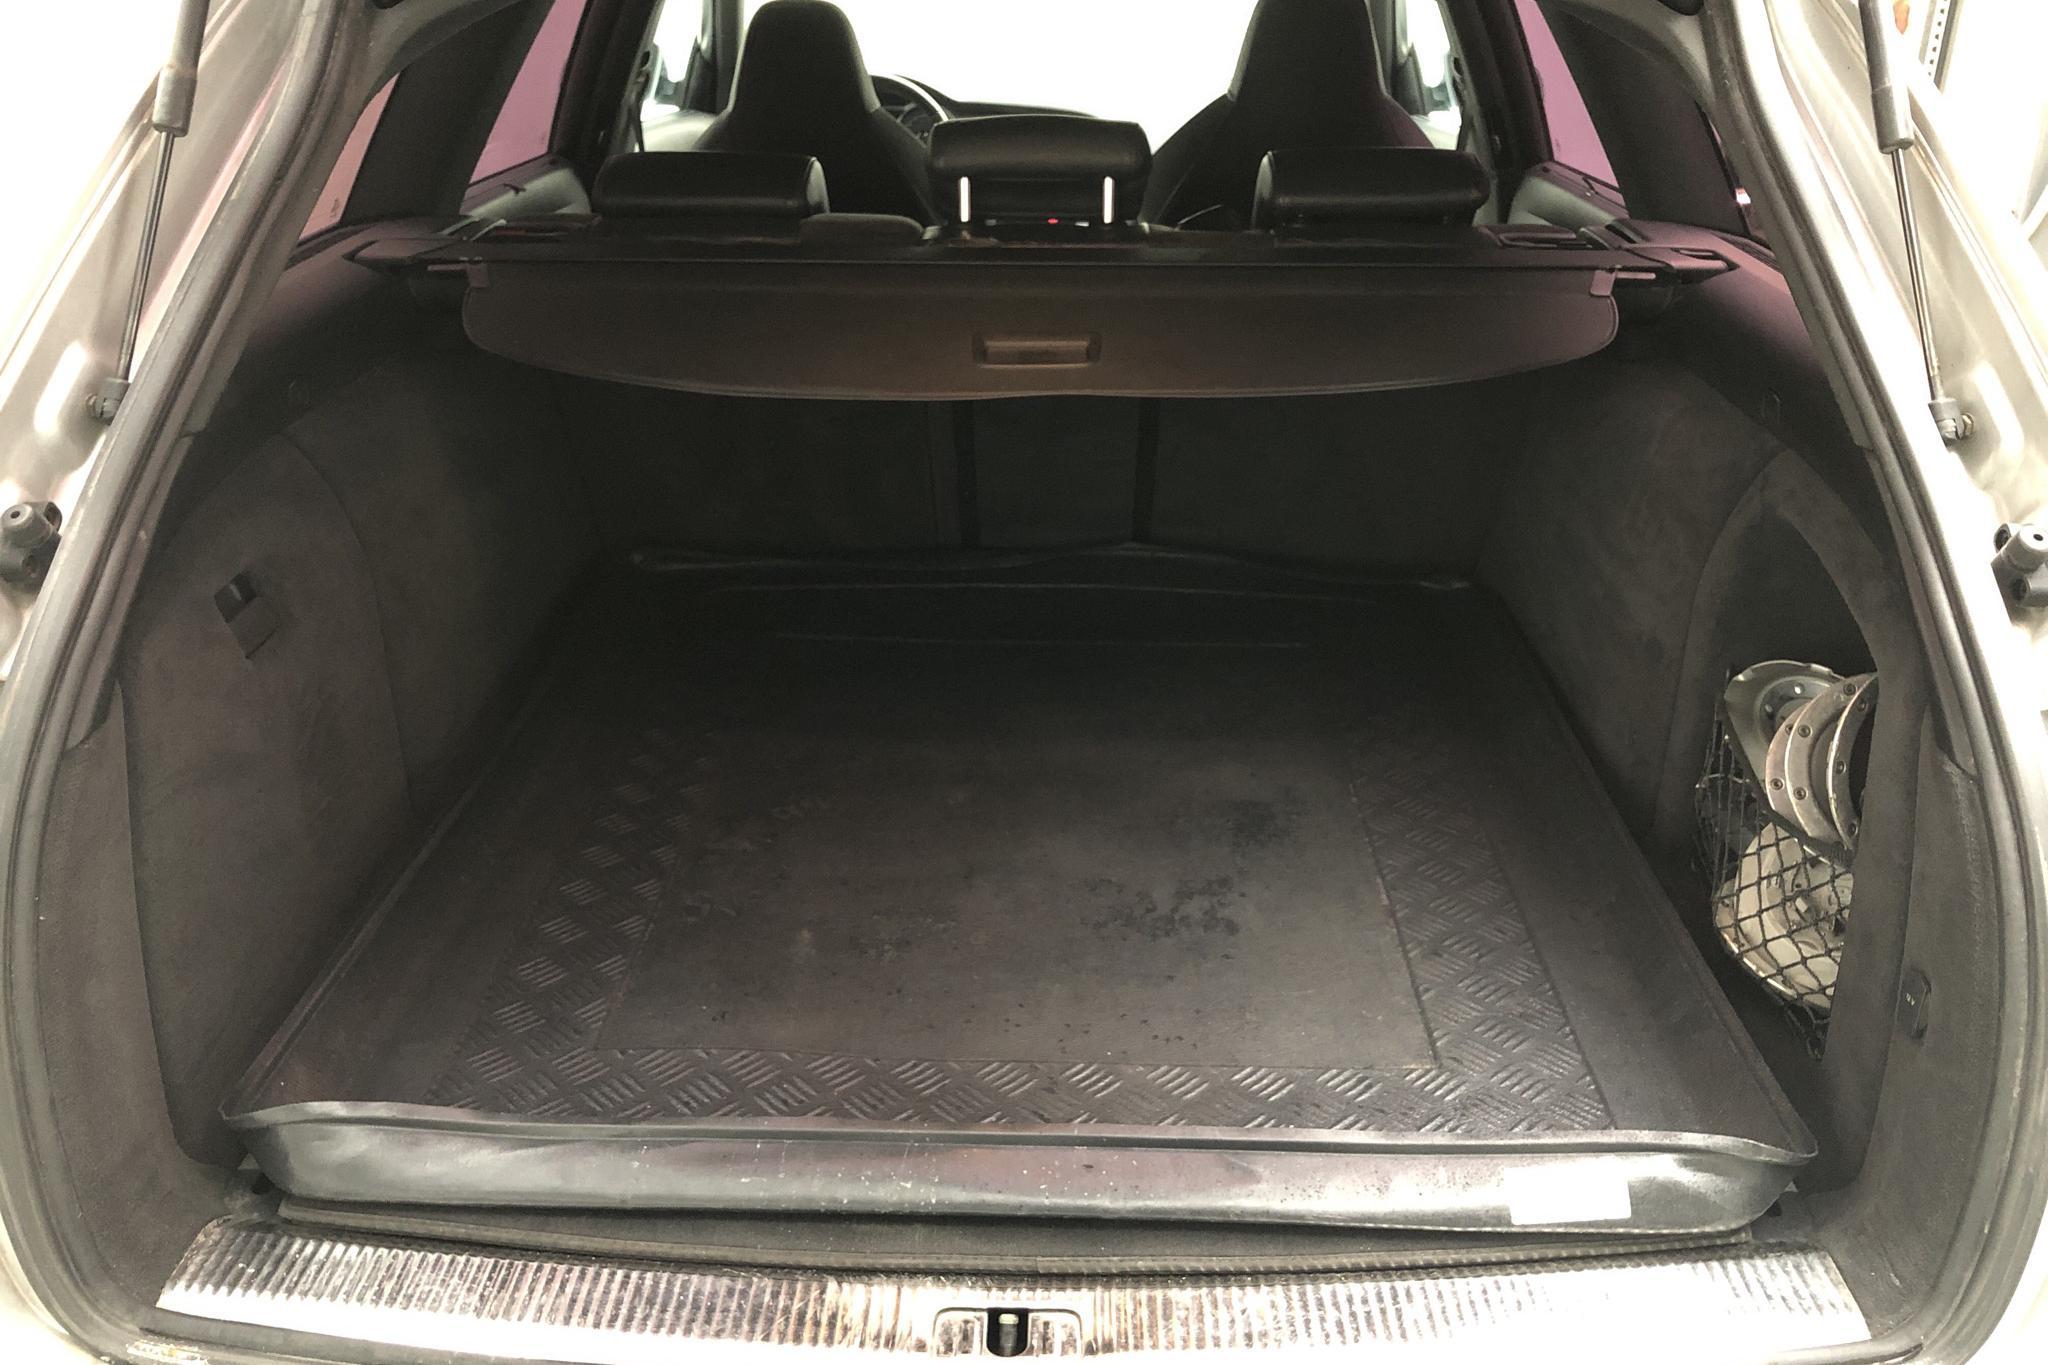 Audi S6 5.2 Avant quattro (435hk) - 168 010 km - Automatic - silver - 2007